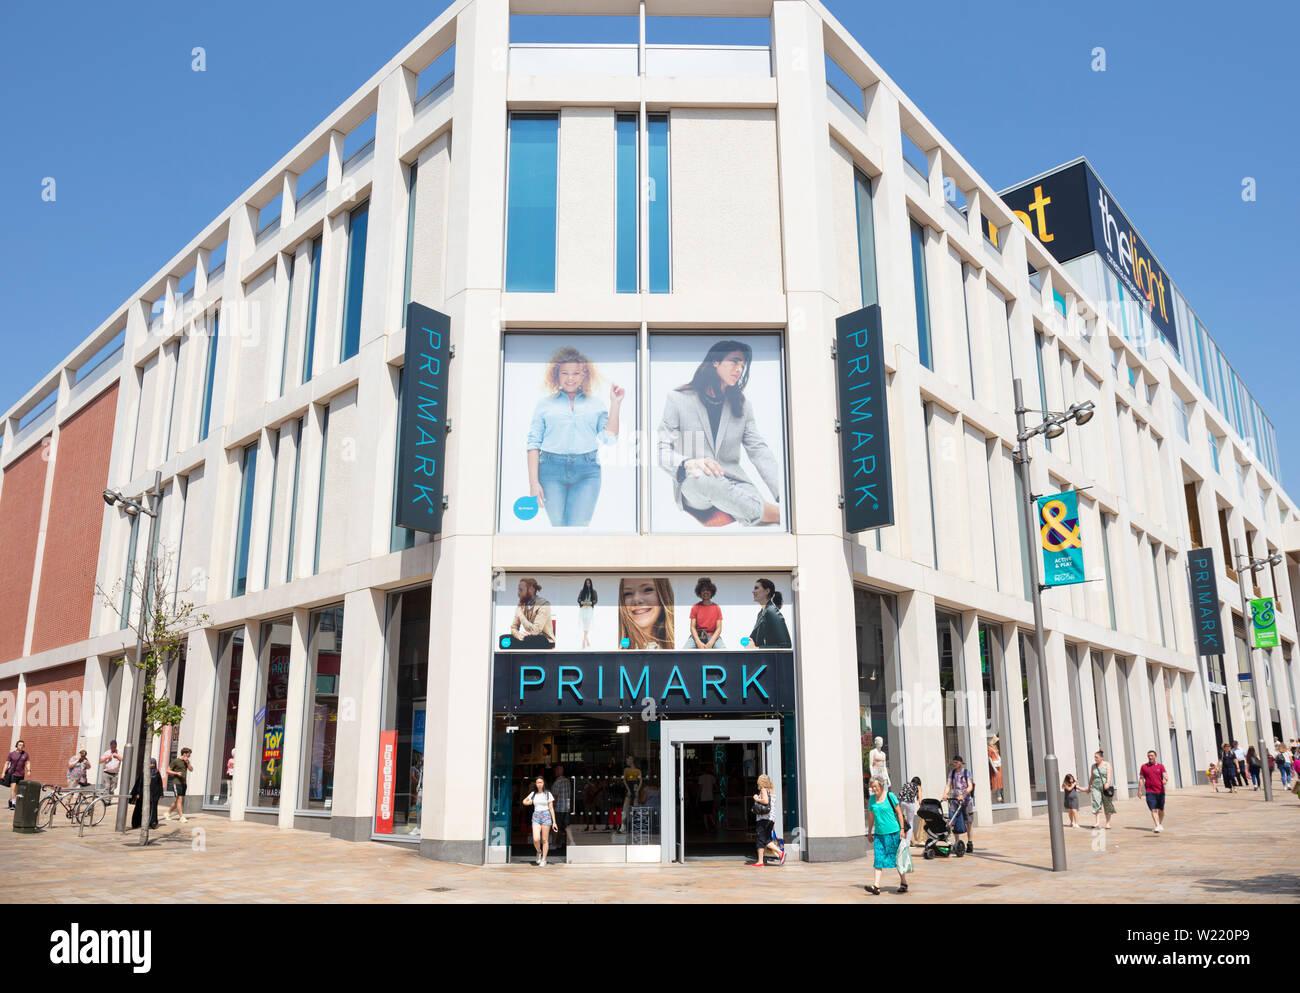 Primark primark tienda shop,el centro de la ciudad de Sheffield Sheffield South Yorkshire, Inglaterra GB Europa Imagen De Stock